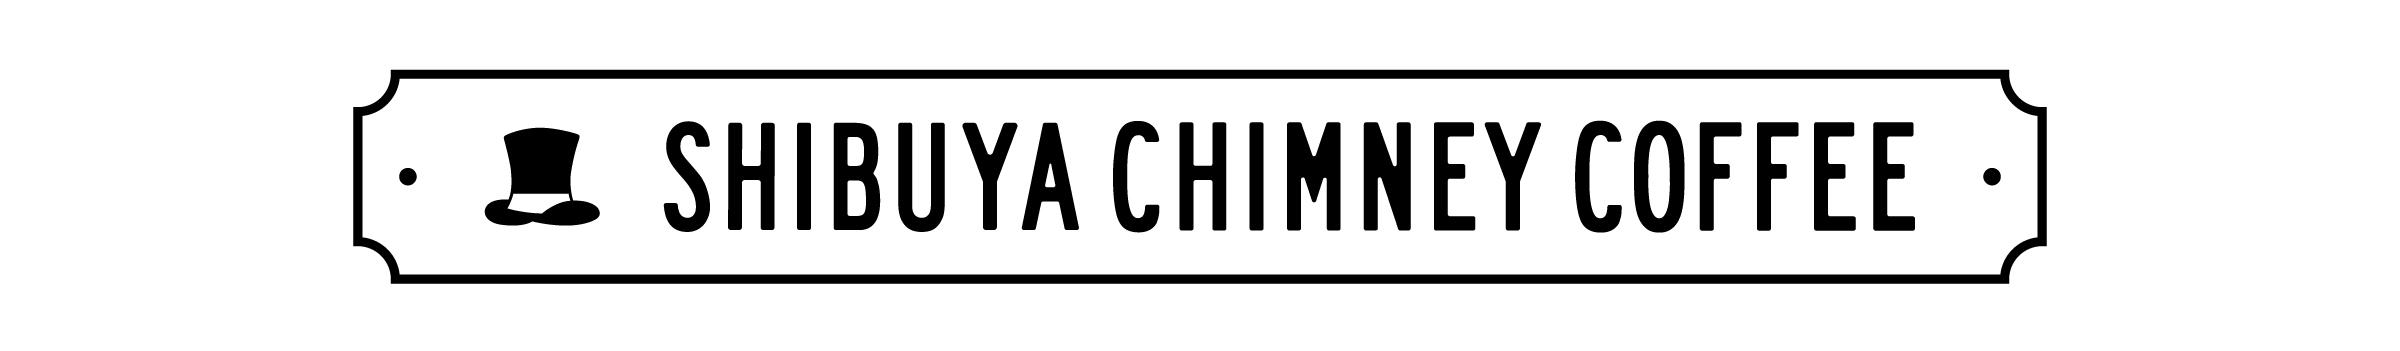 SHIBUYA CHIMNEY COFFEE